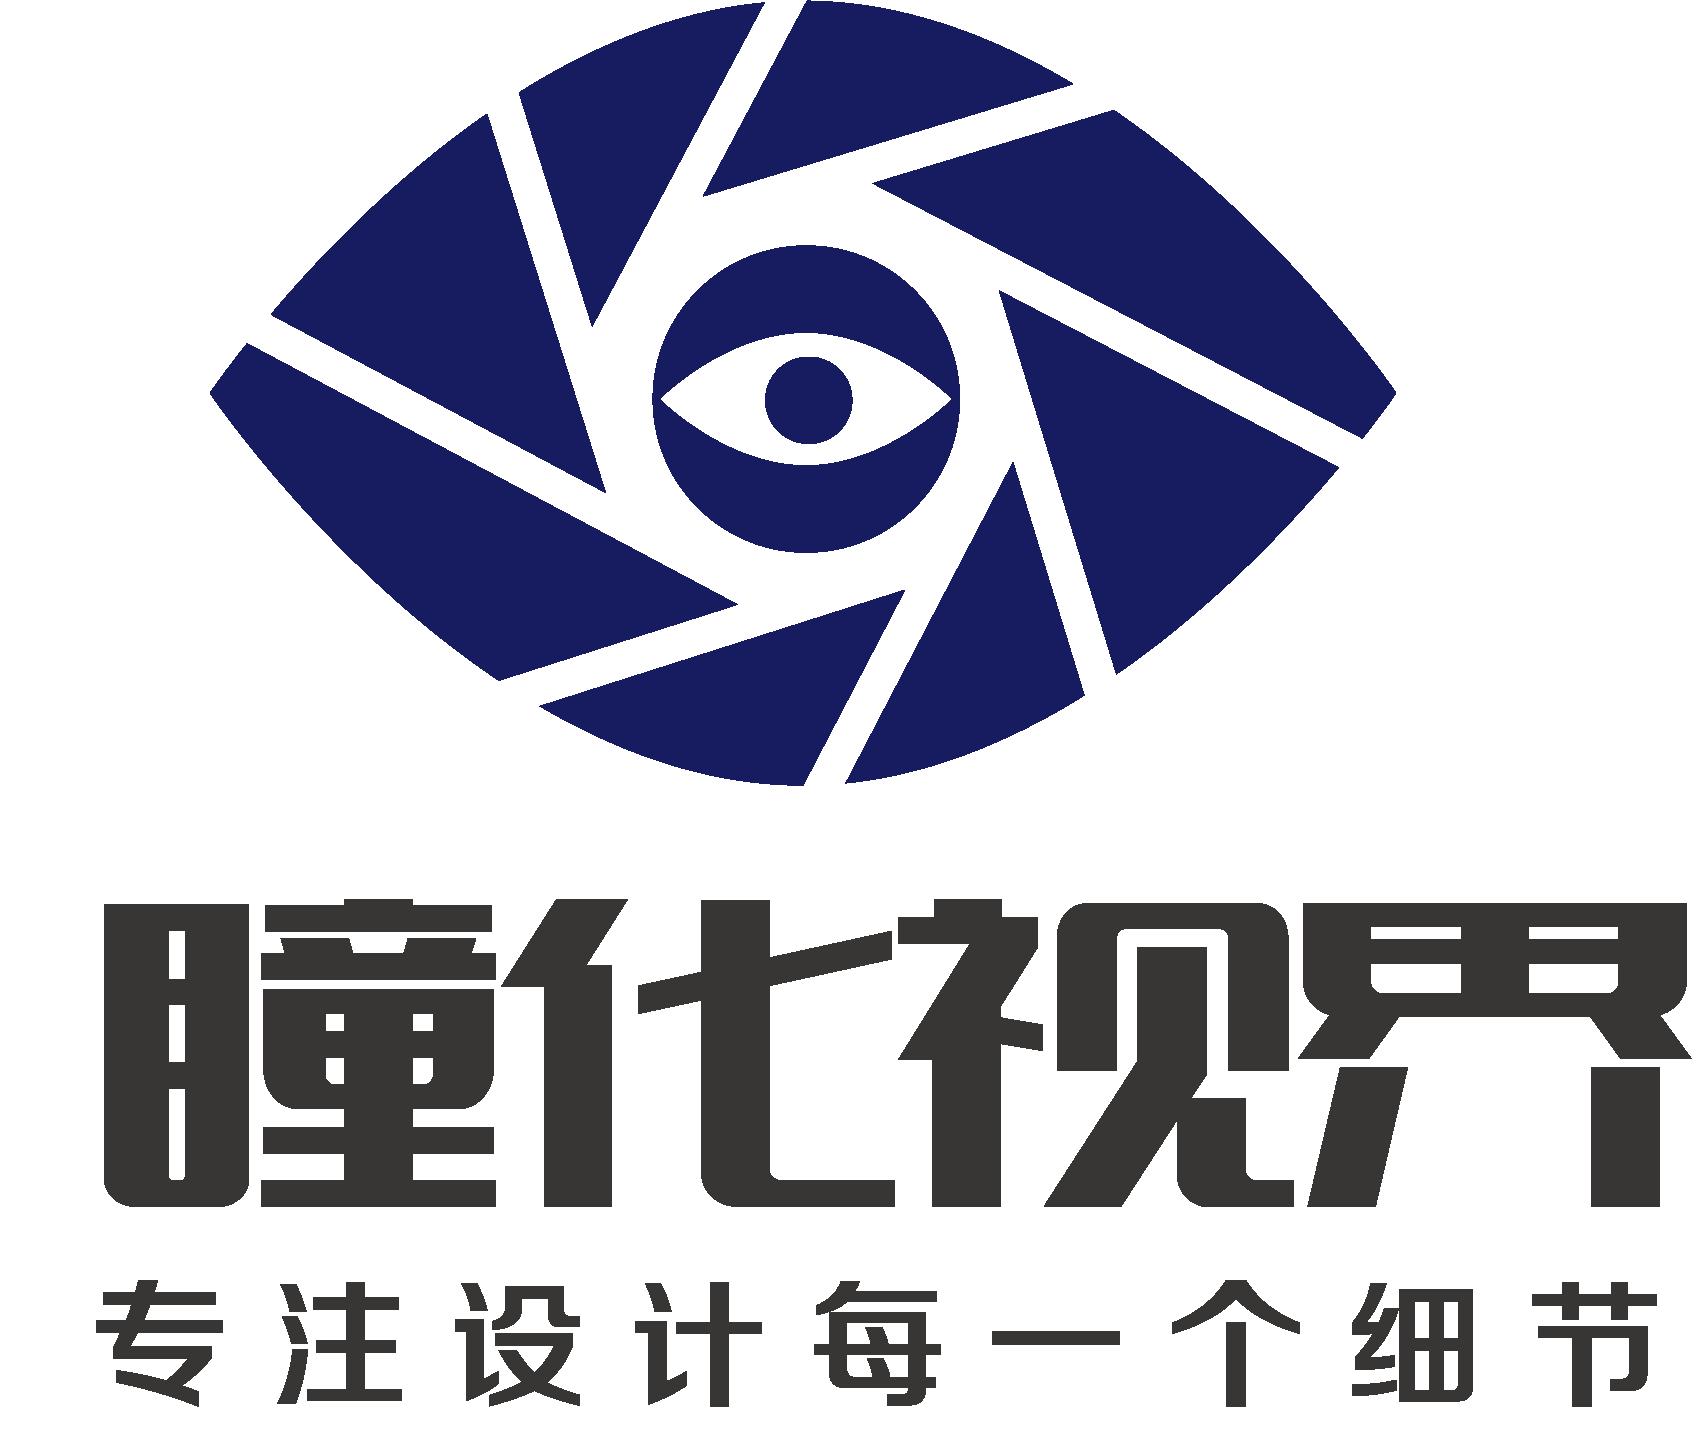 凤台县刘集镇瞳化视界图文设计服务部